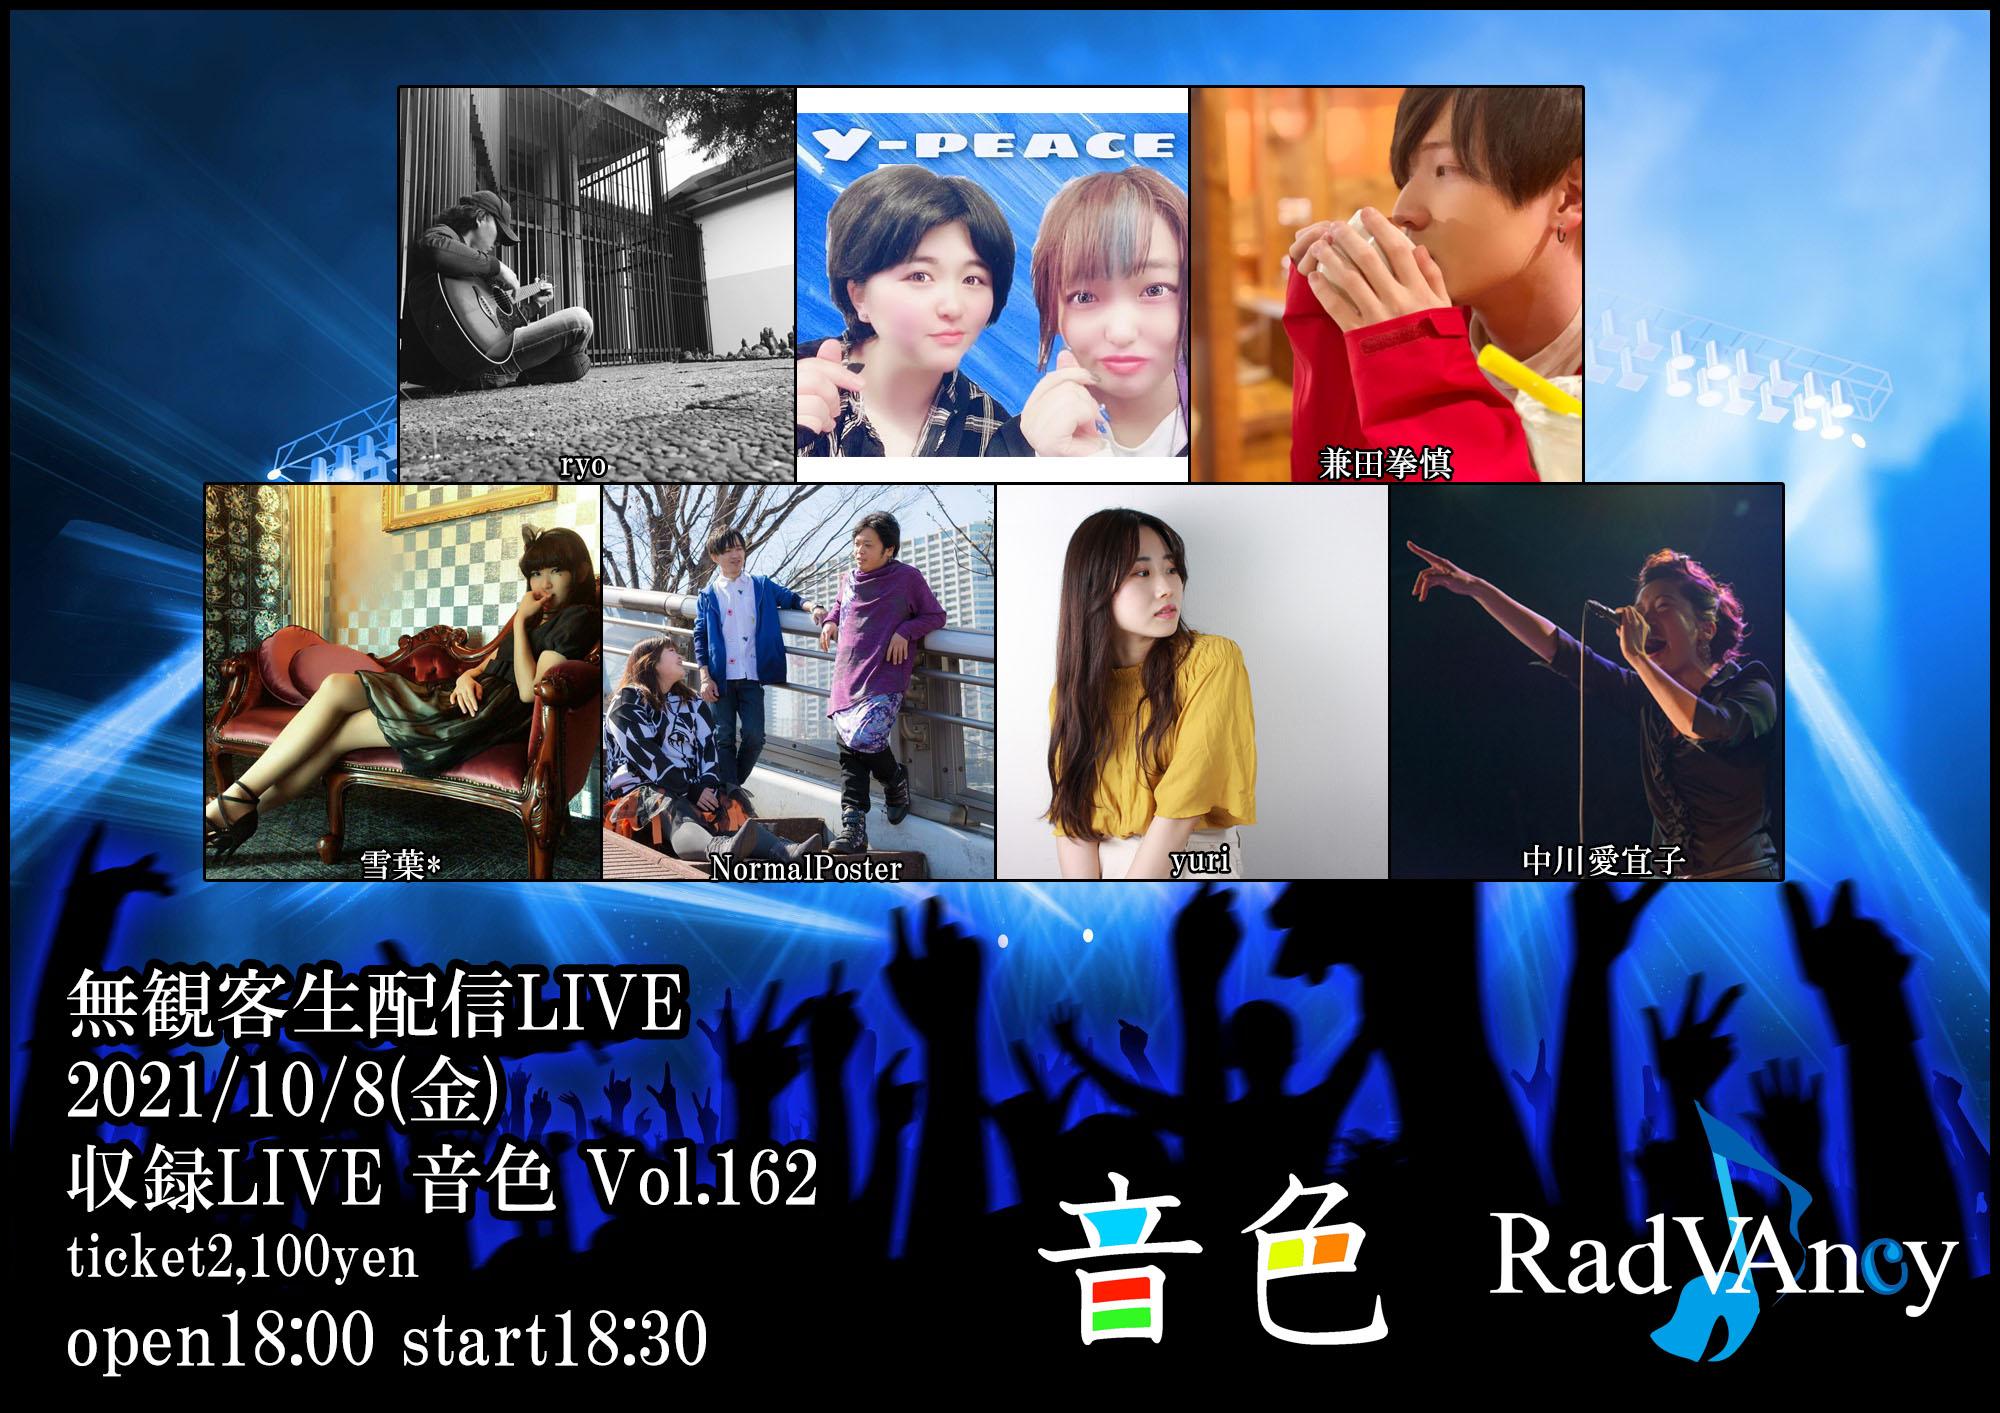 収録LIVE 音色 Vol.162